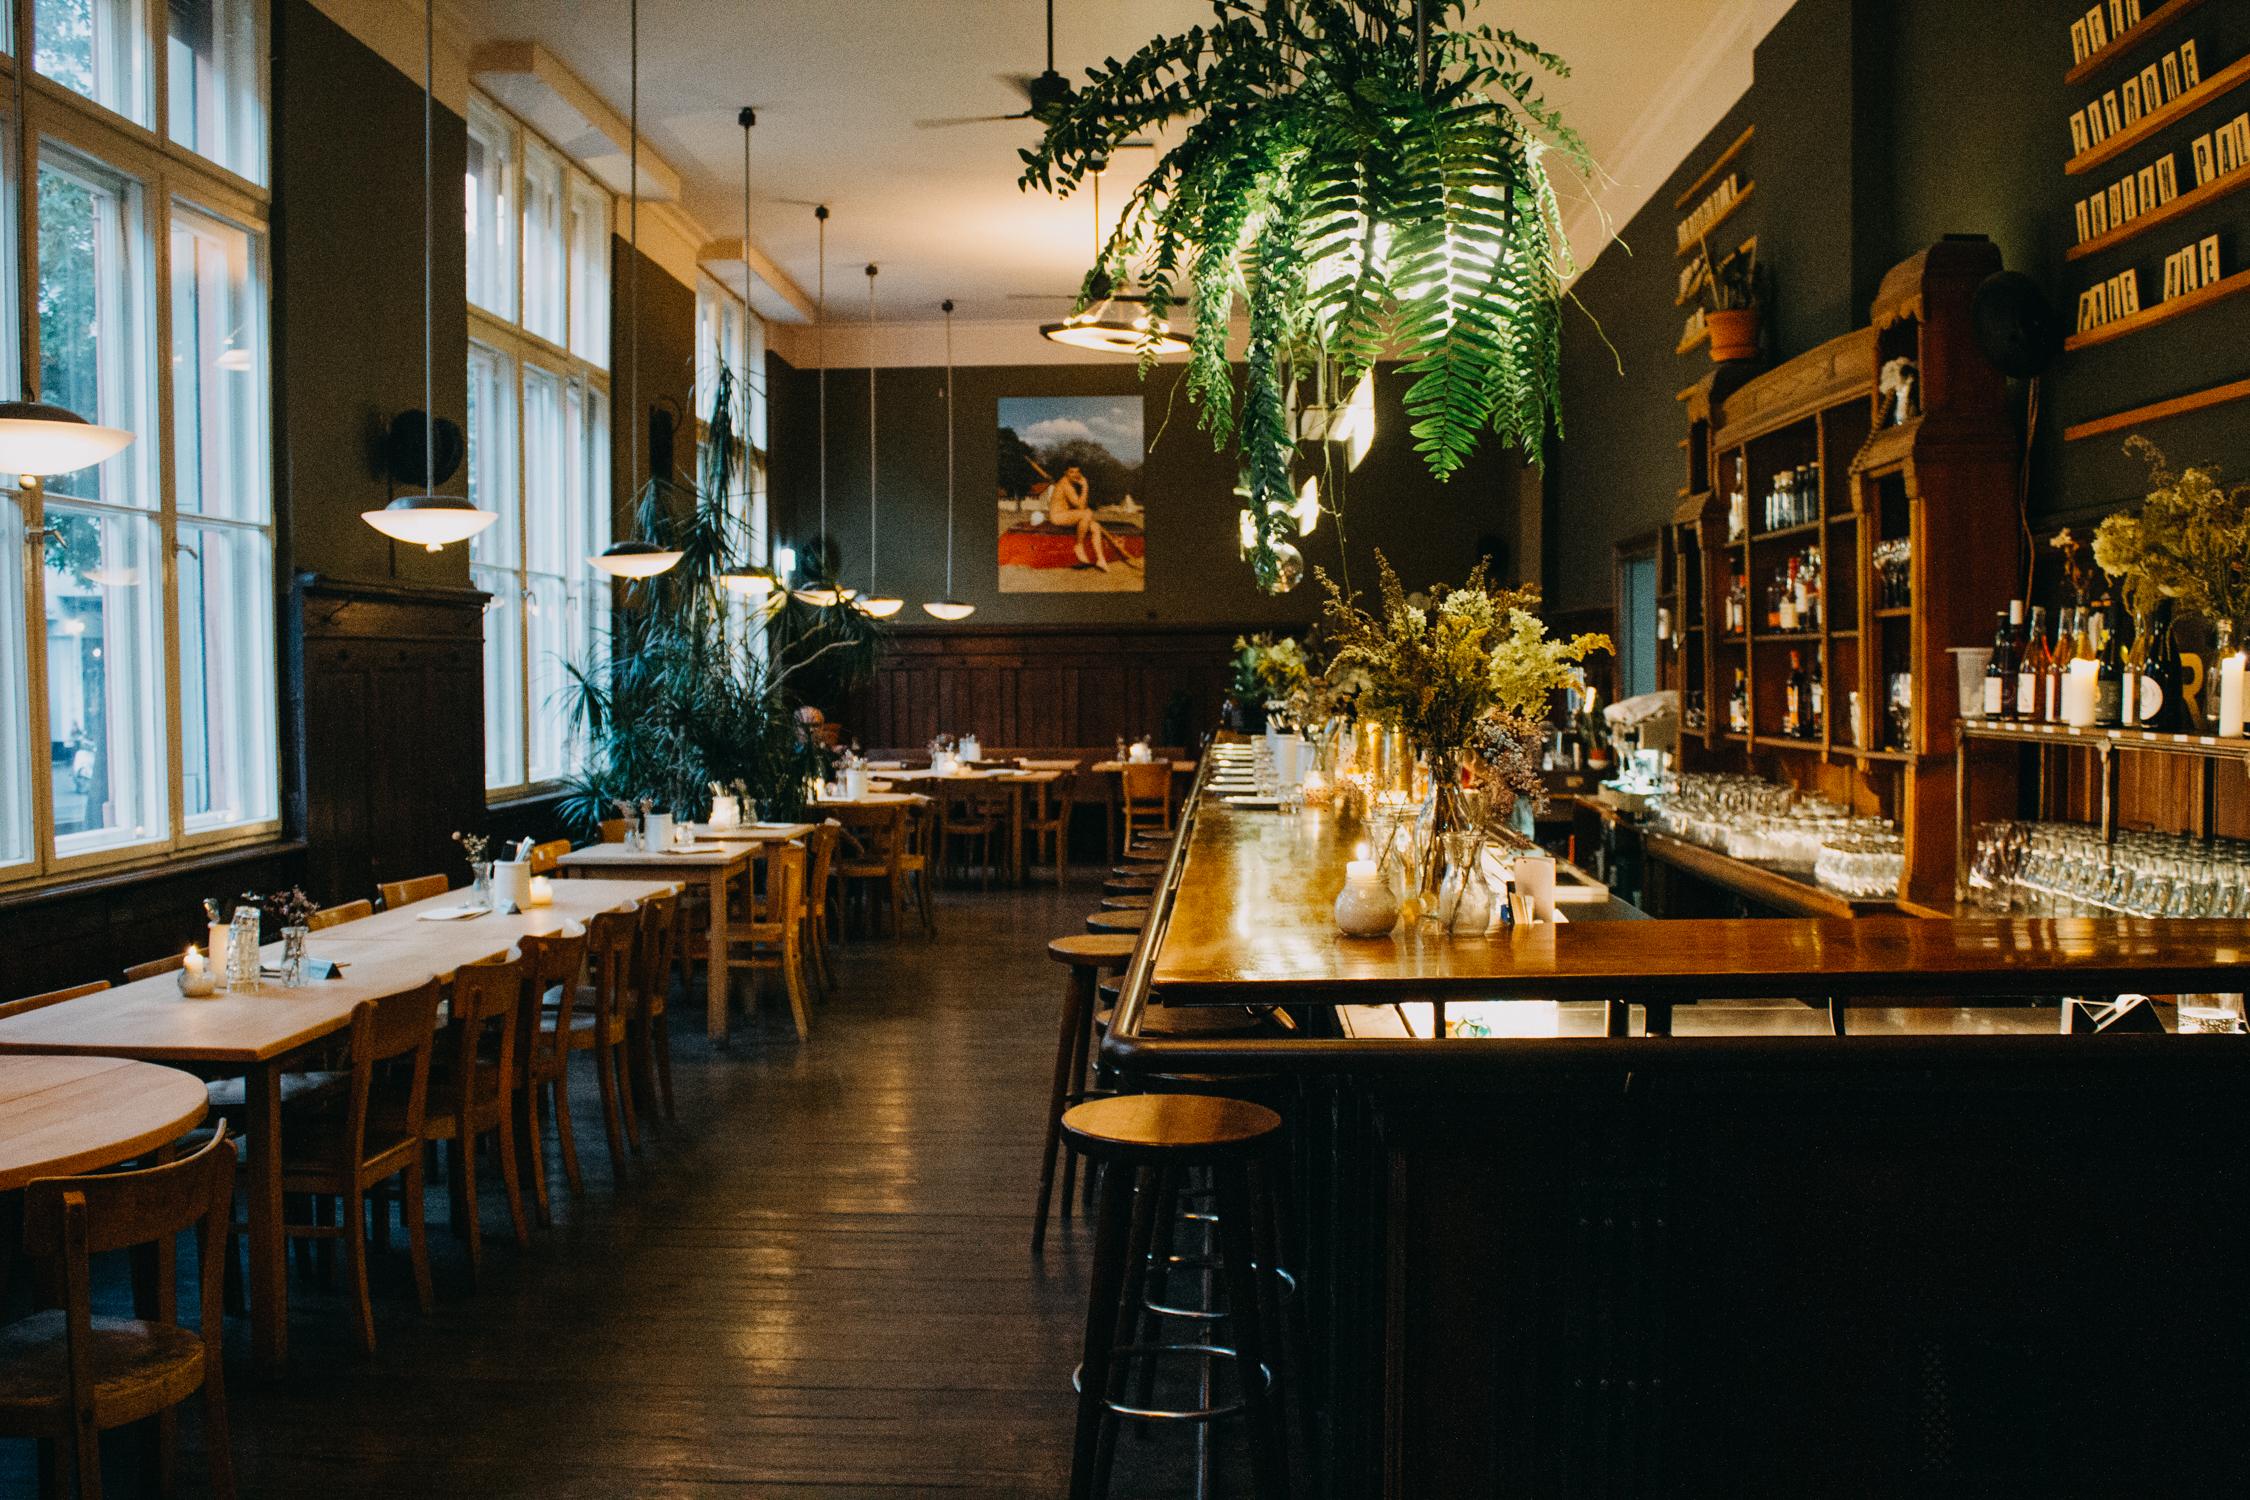 Saisonal, regional, Marktlokal: Bodenständige Küche und leckere Drinks im Restaurant der Markthalle Neun